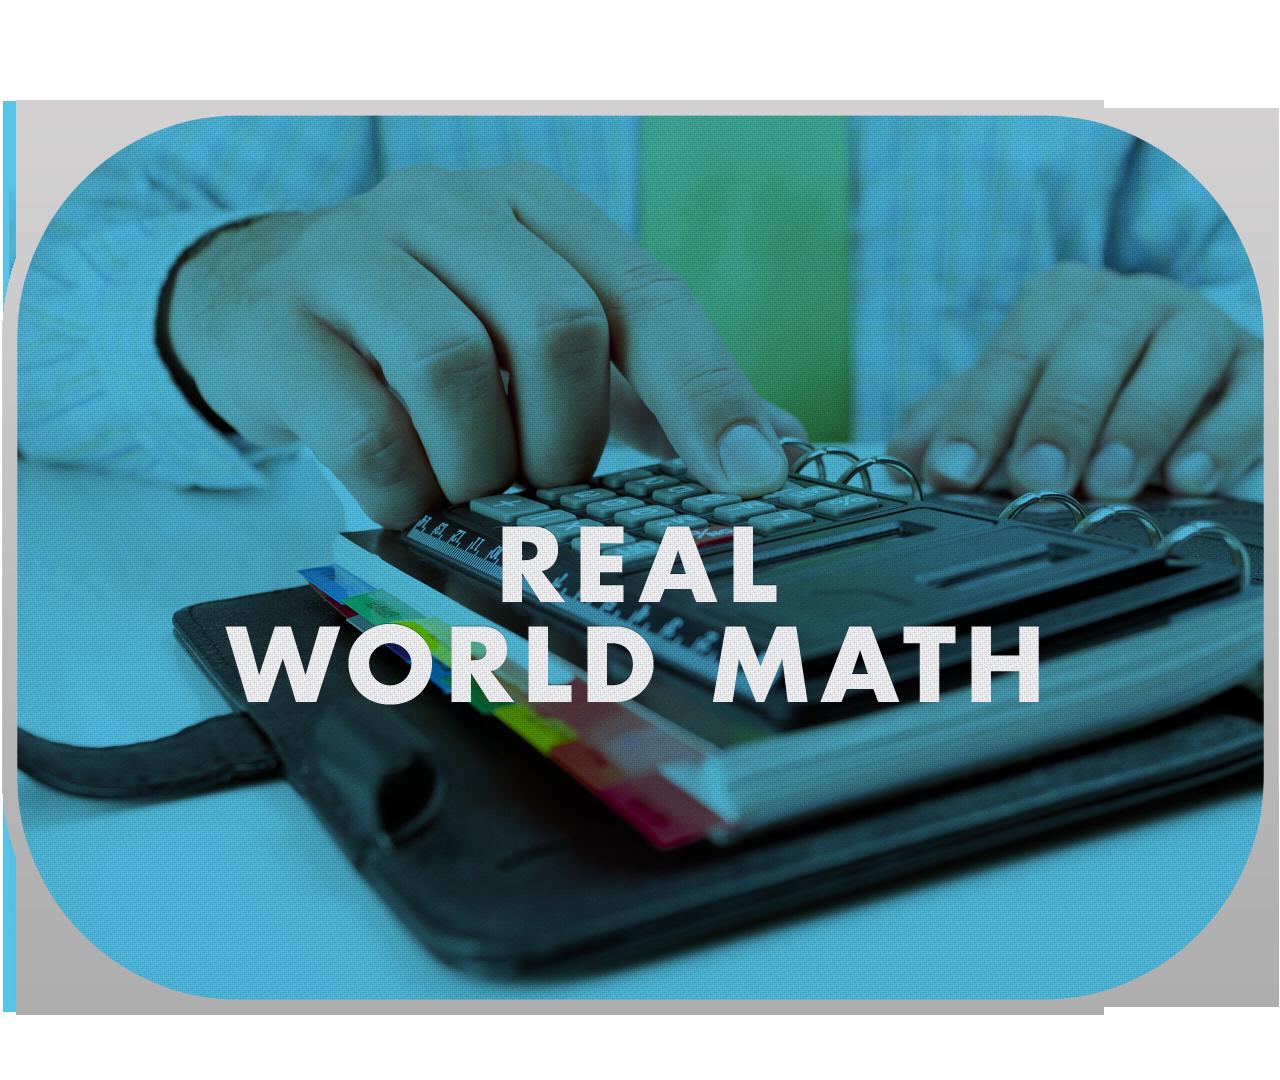 Real World Math #mathintherealworld